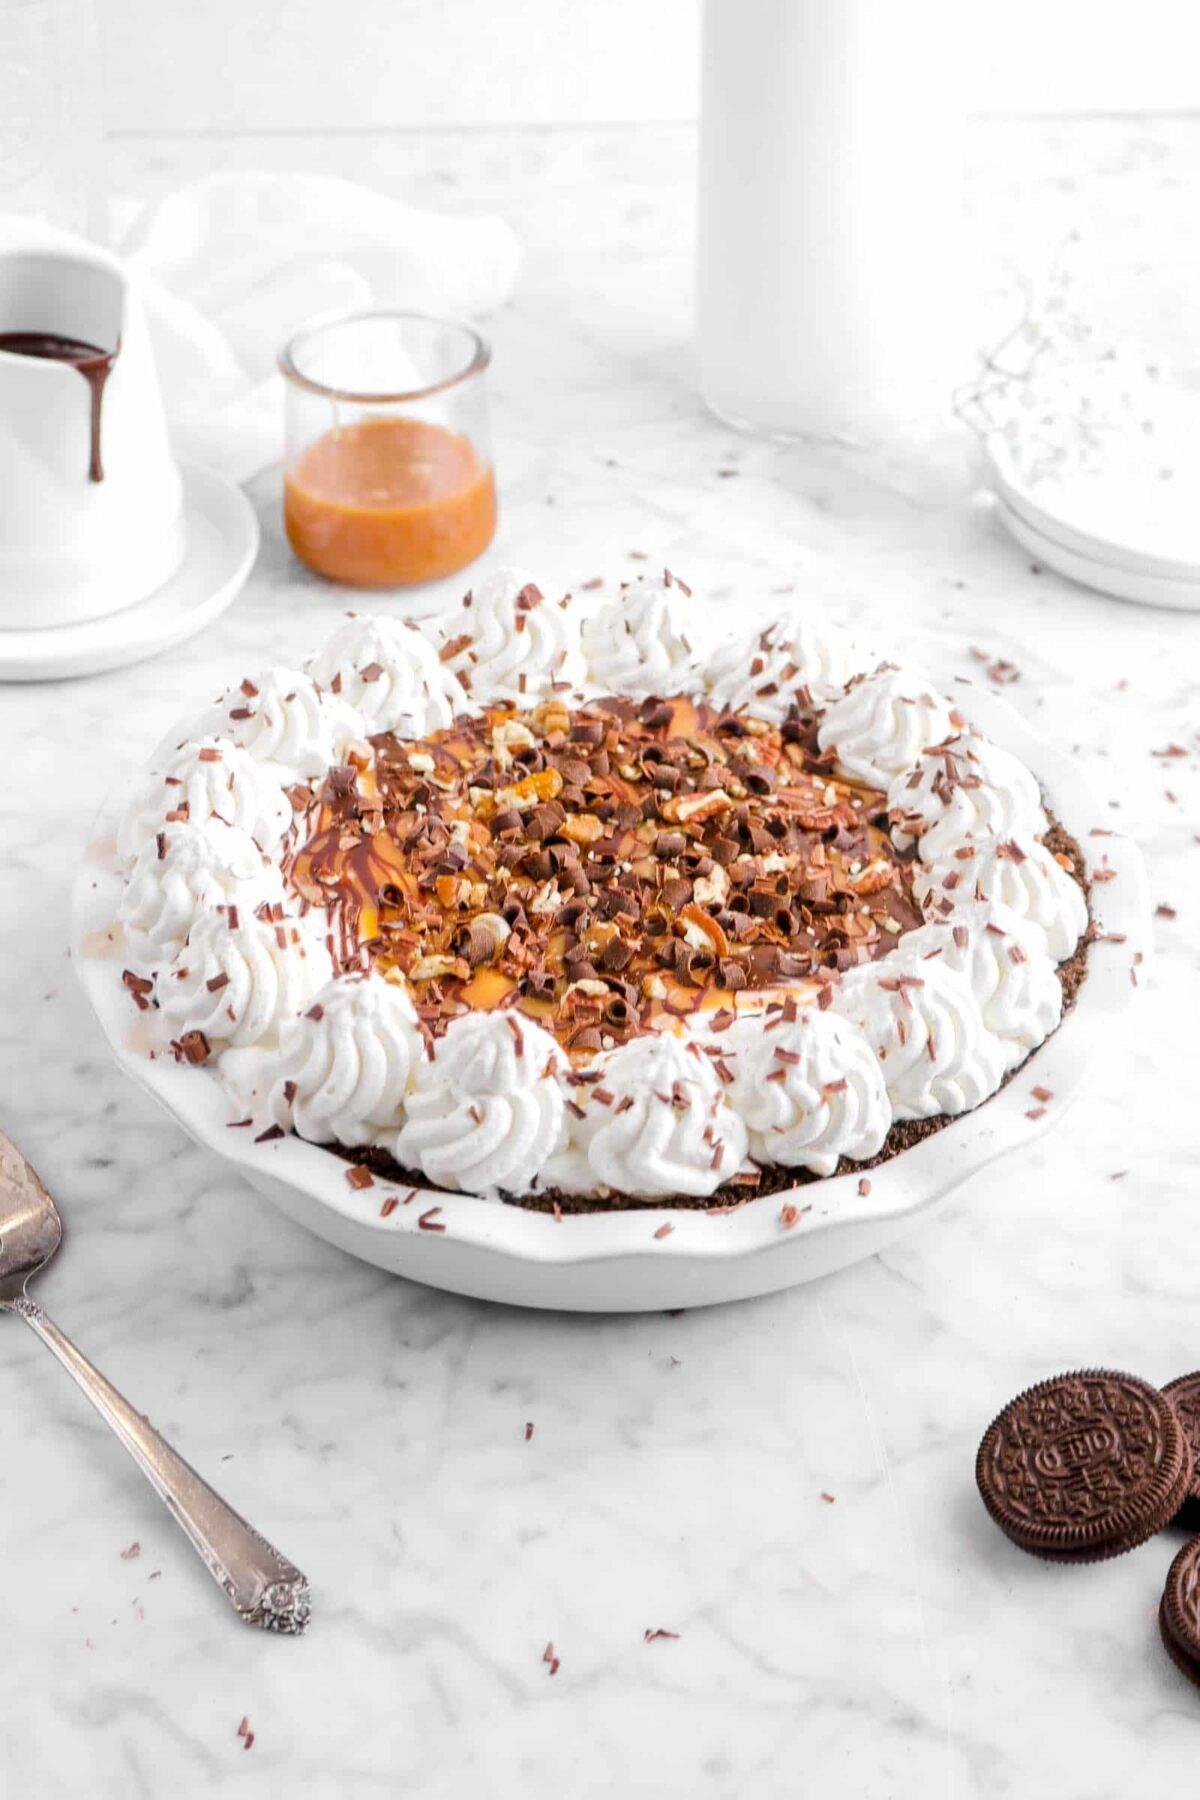 turtle ice cream pie with chocolate sauce, caramel, and oreos around